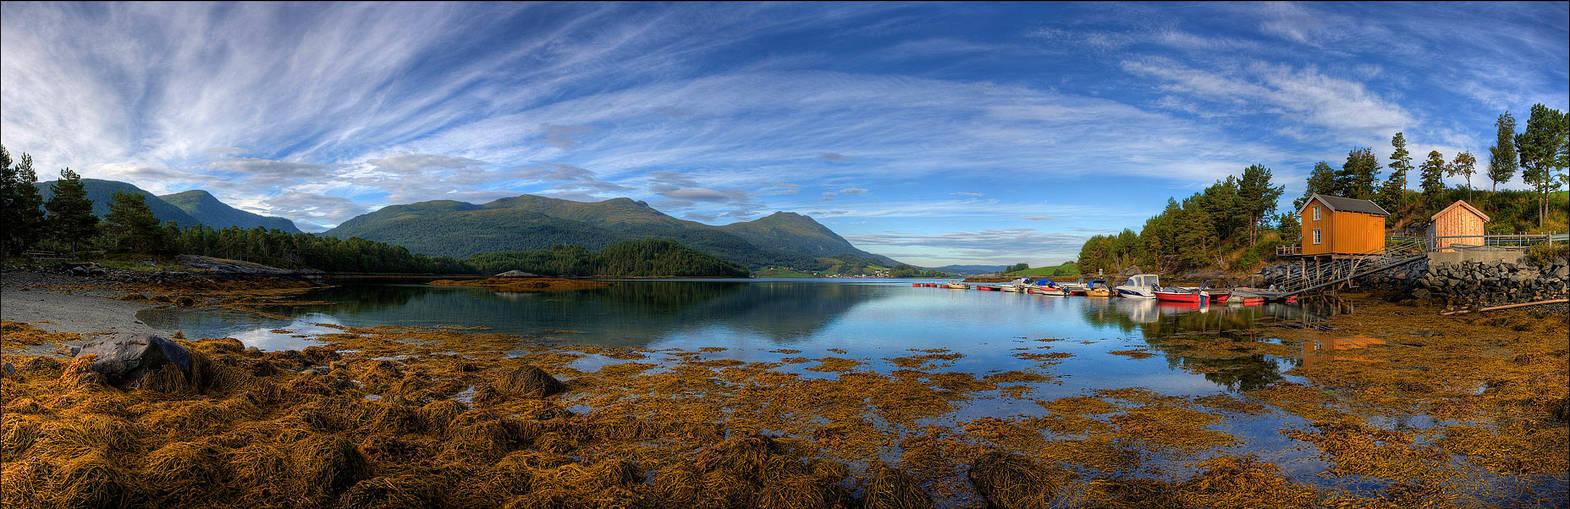 Роскошные пейзажи Норвегии - Страница 10 Norway_100_by_lonelywolf2_d1ddqi6-pre.jpg?token=eyJ0eXAiOiJKV1QiLCJhbGciOiJIUzI1NiJ9.eyJzdWIiOiJ1cm46YXBwOjdlMGQxODg5ODIyNjQzNzNhNWYwZDQxNWVhMGQyNmUwIiwiaXNzIjoidXJuOmFwcDo3ZTBkMTg4OTgyMjY0MzczYTVmMGQ0MTVlYTBkMjZlMCIsIm9iaiI6W1t7ImhlaWdodCI6Ijw9NjAyIiwicGF0aCI6IlwvZlwvMjk0MzgyZTMtNDVjMS00NmZmLWJlNjYtZTU0MzI0MDQ2ODE2XC9kMWRkcWk2LTNlYzFmYmFhLTNiNjktNDRmMS04Njc4LTkzOTE5N2EwYzRkZS5qcGciLCJ3aWR0aCI6Ijw9MTg1NSJ9XV0sImF1ZCI6WyJ1cm46c2VydmljZTppbWFnZS5vcGVyYXRpb25zIl19